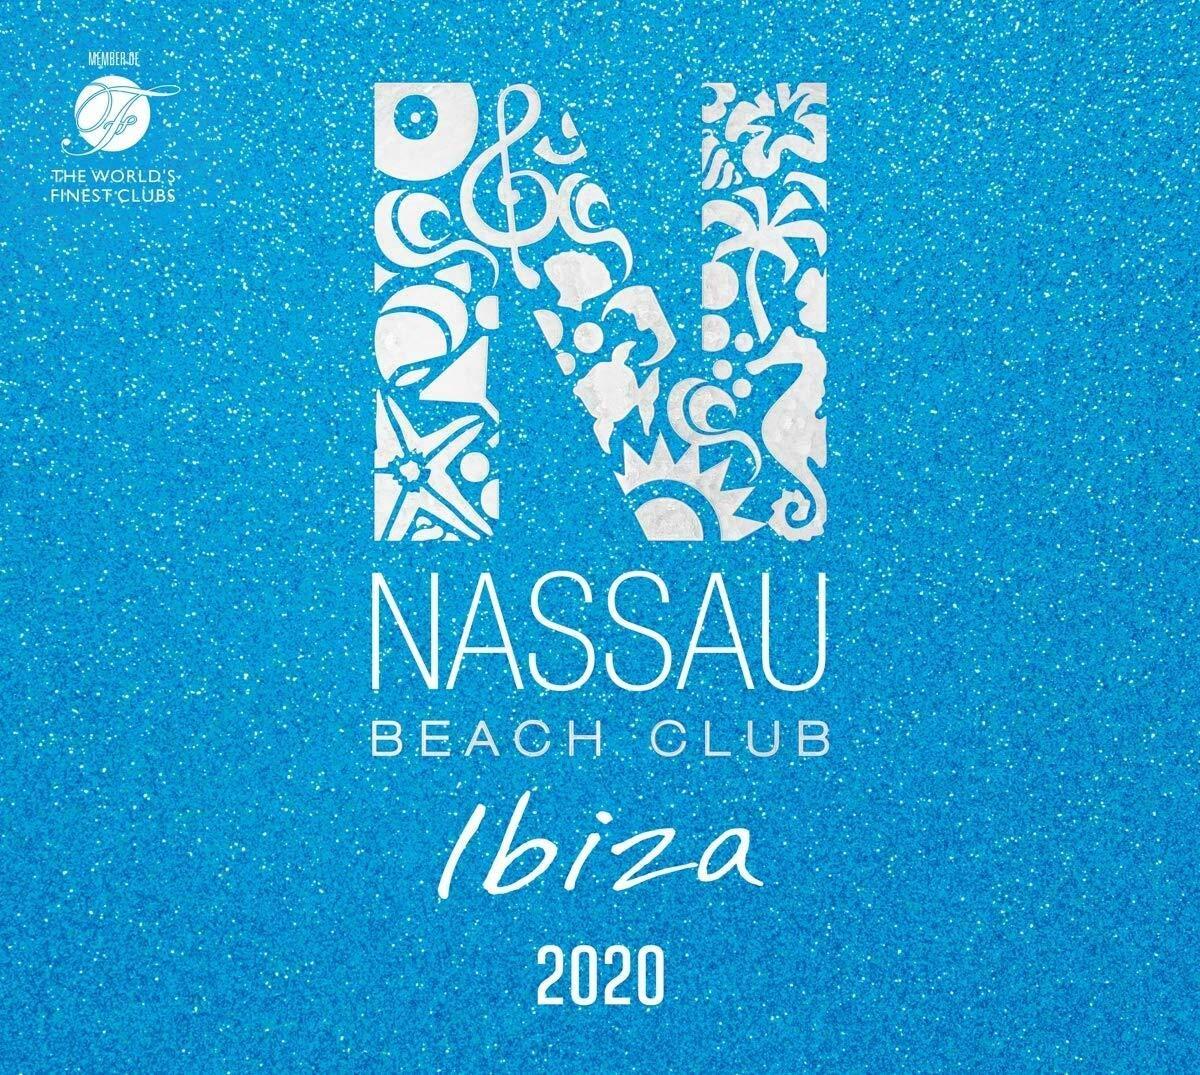 Nassau Beach Club Ibiza 2020